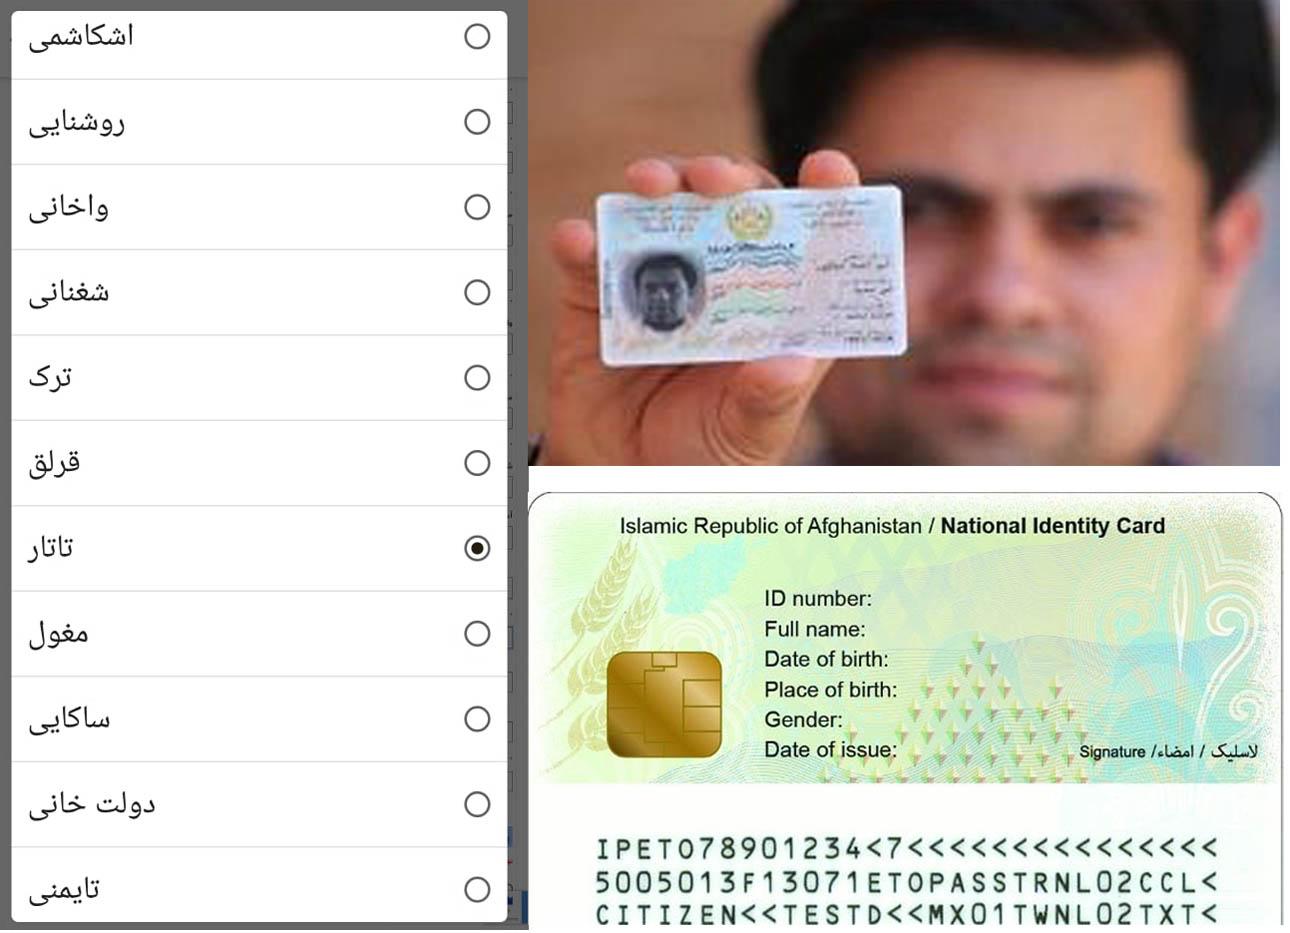 Удостоверение личности гражданина Афганистана